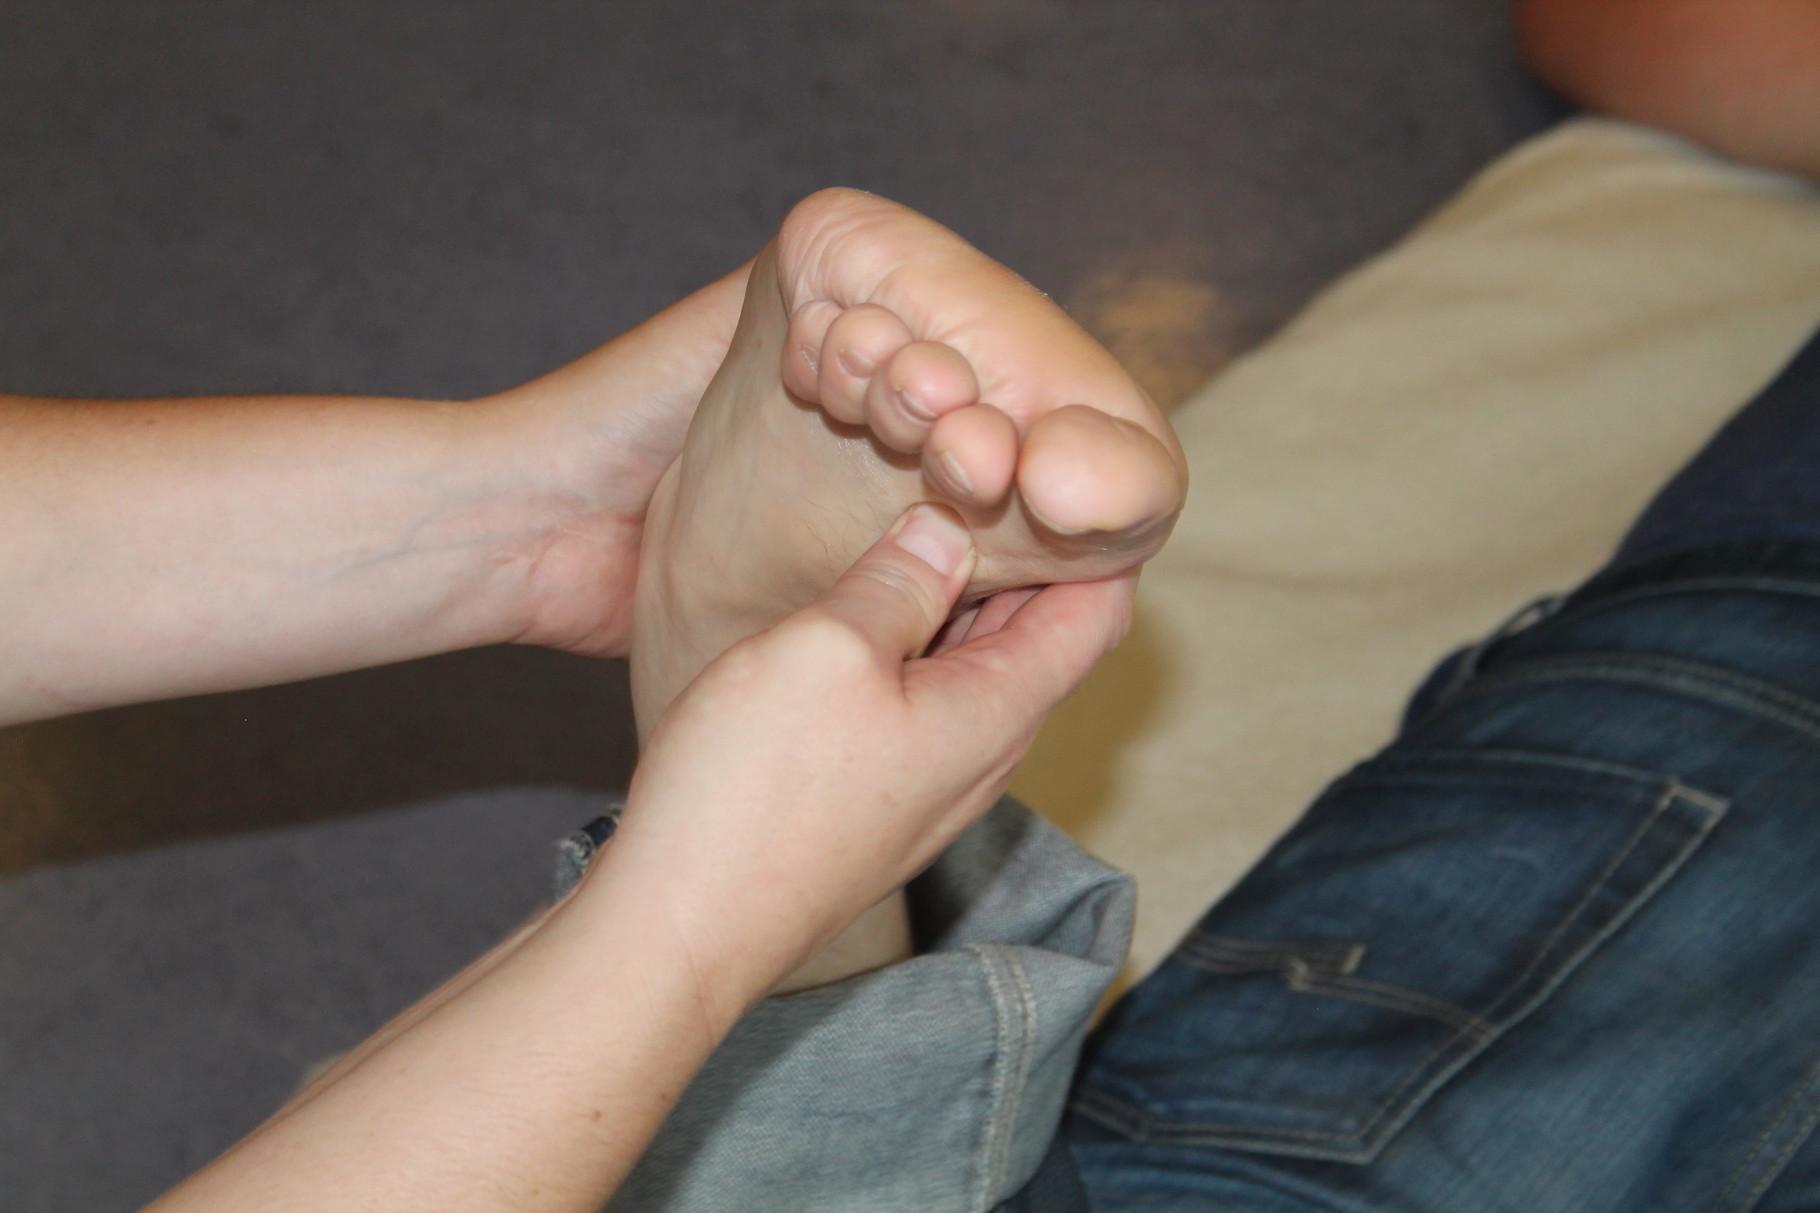 Kin'Kou Shiatsu Kehl Strasbourg: point Foie 3. Indications thérapeutiques: troubles menstruels, incontinence, troubles urinaires, crises d'épilepsie, douleurs et troubles de la mobilité du pied...